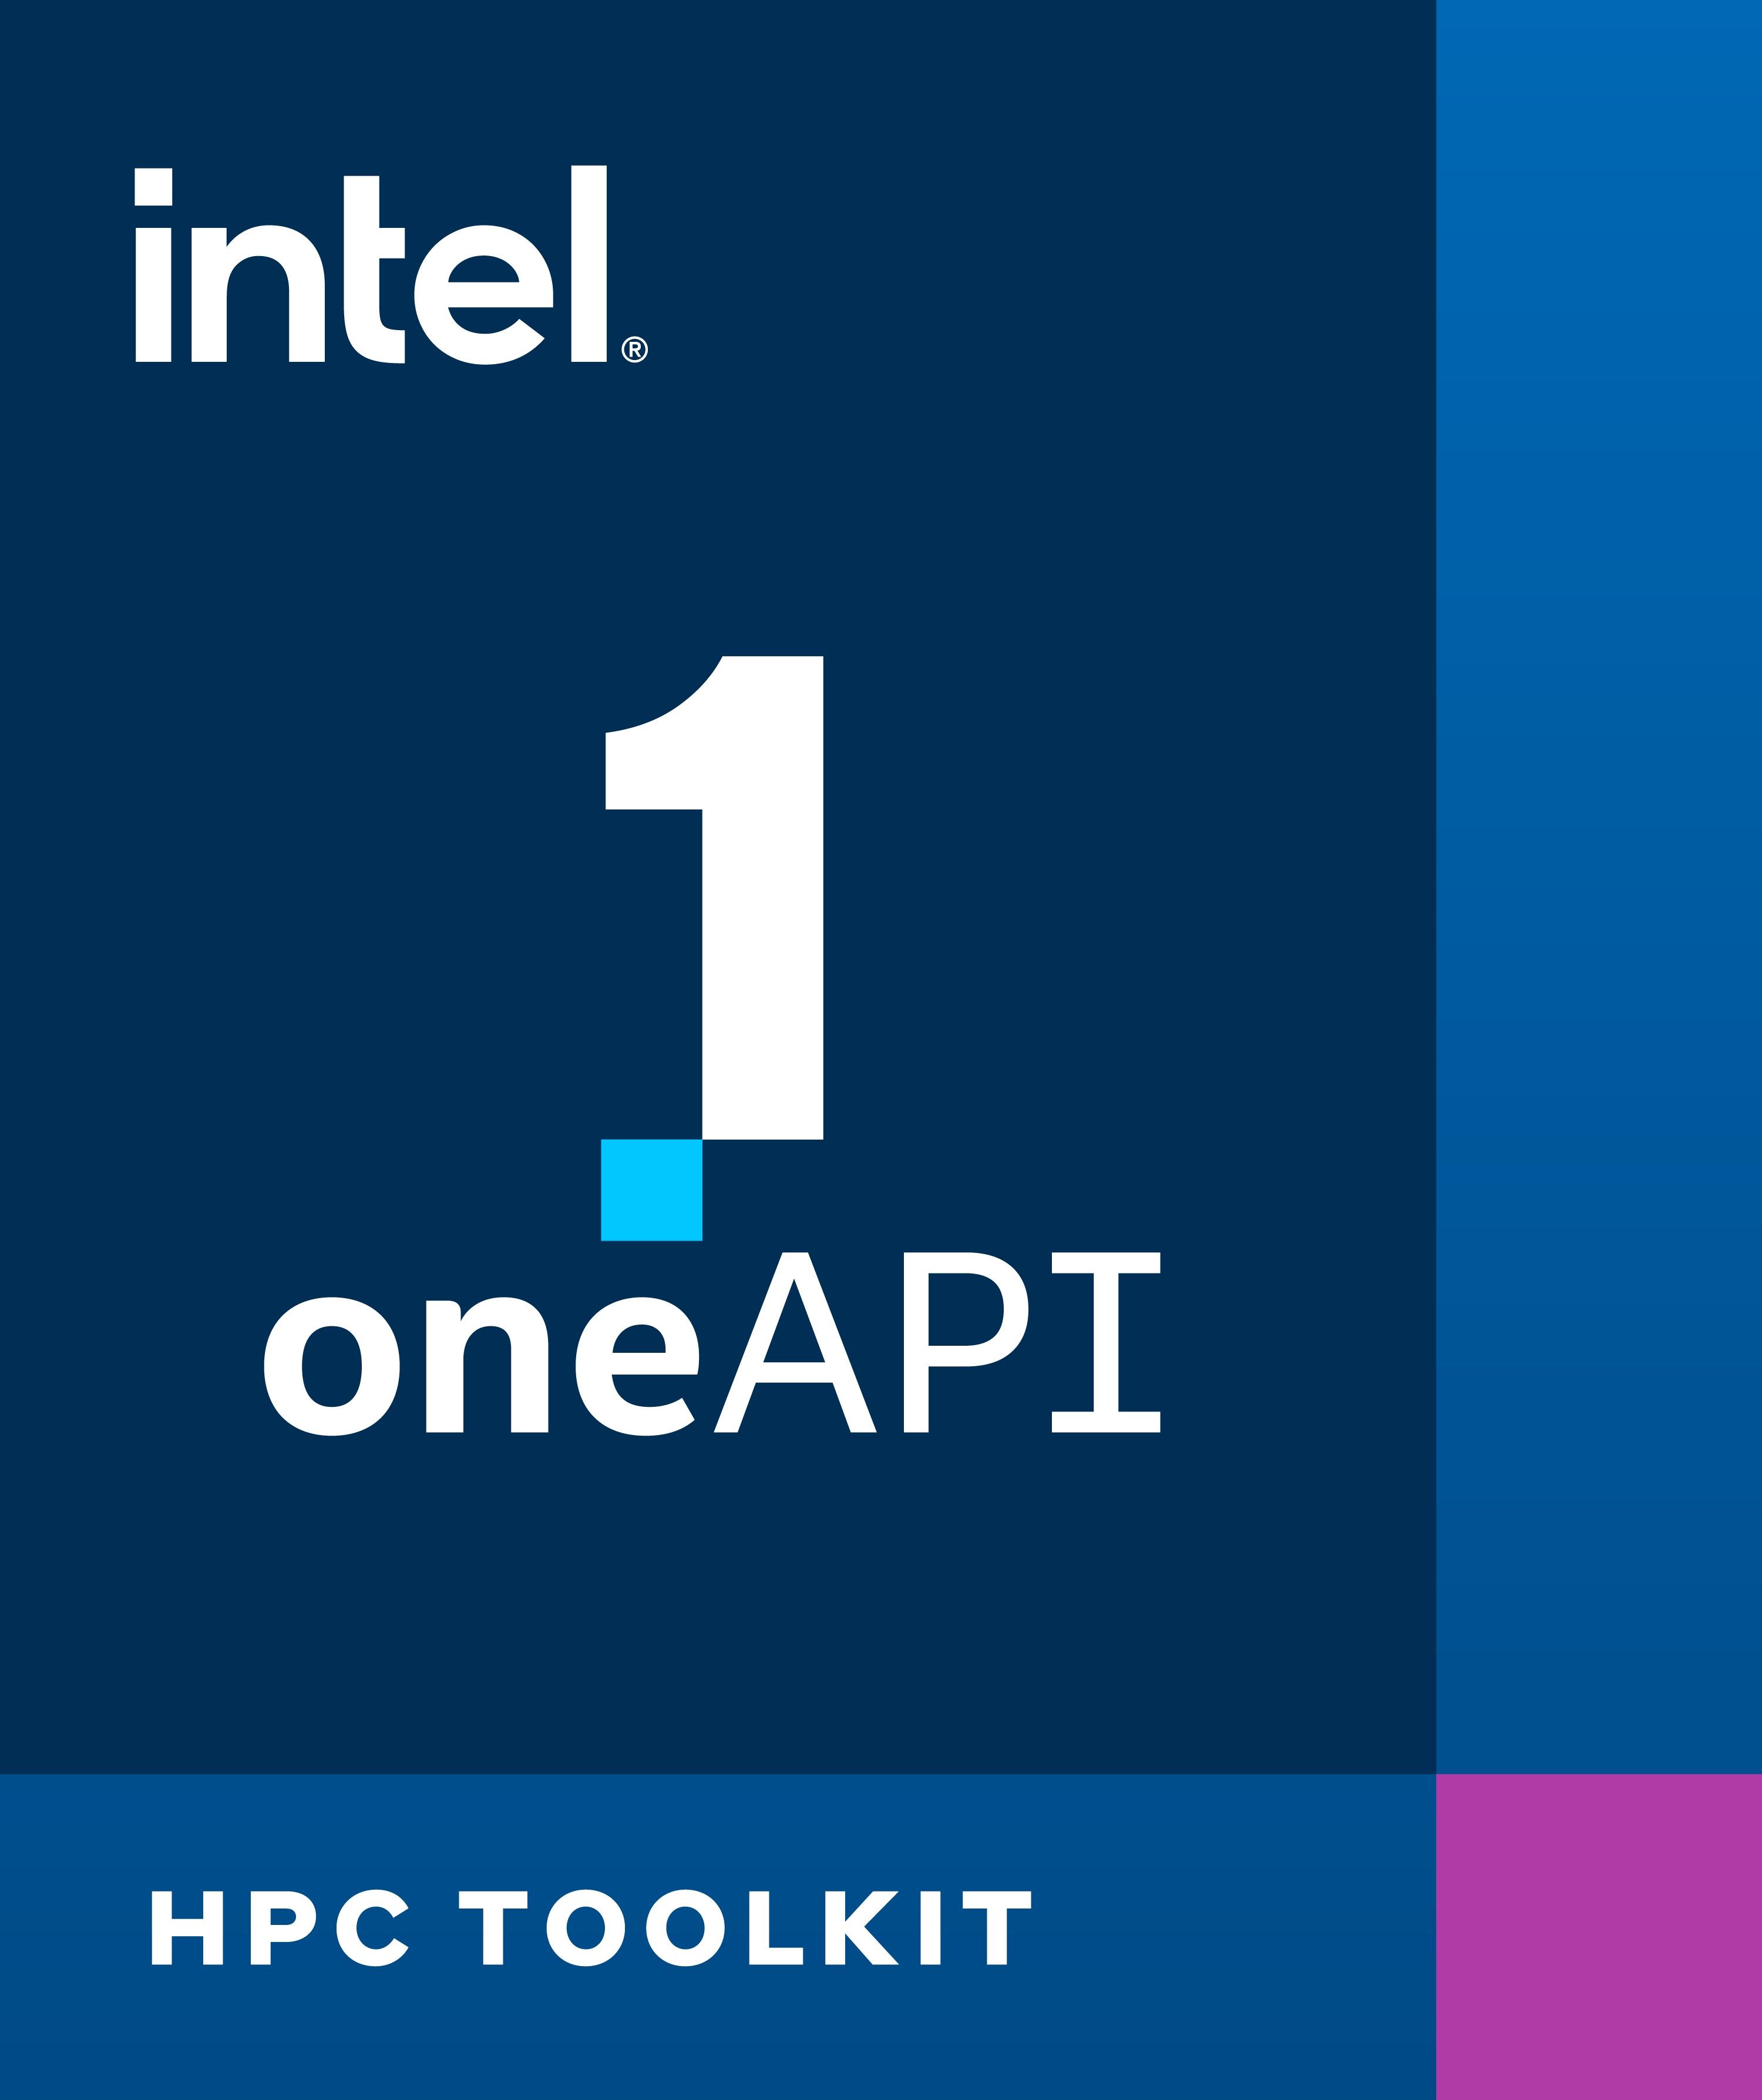 インテル® oneAPI HPC ツールキット